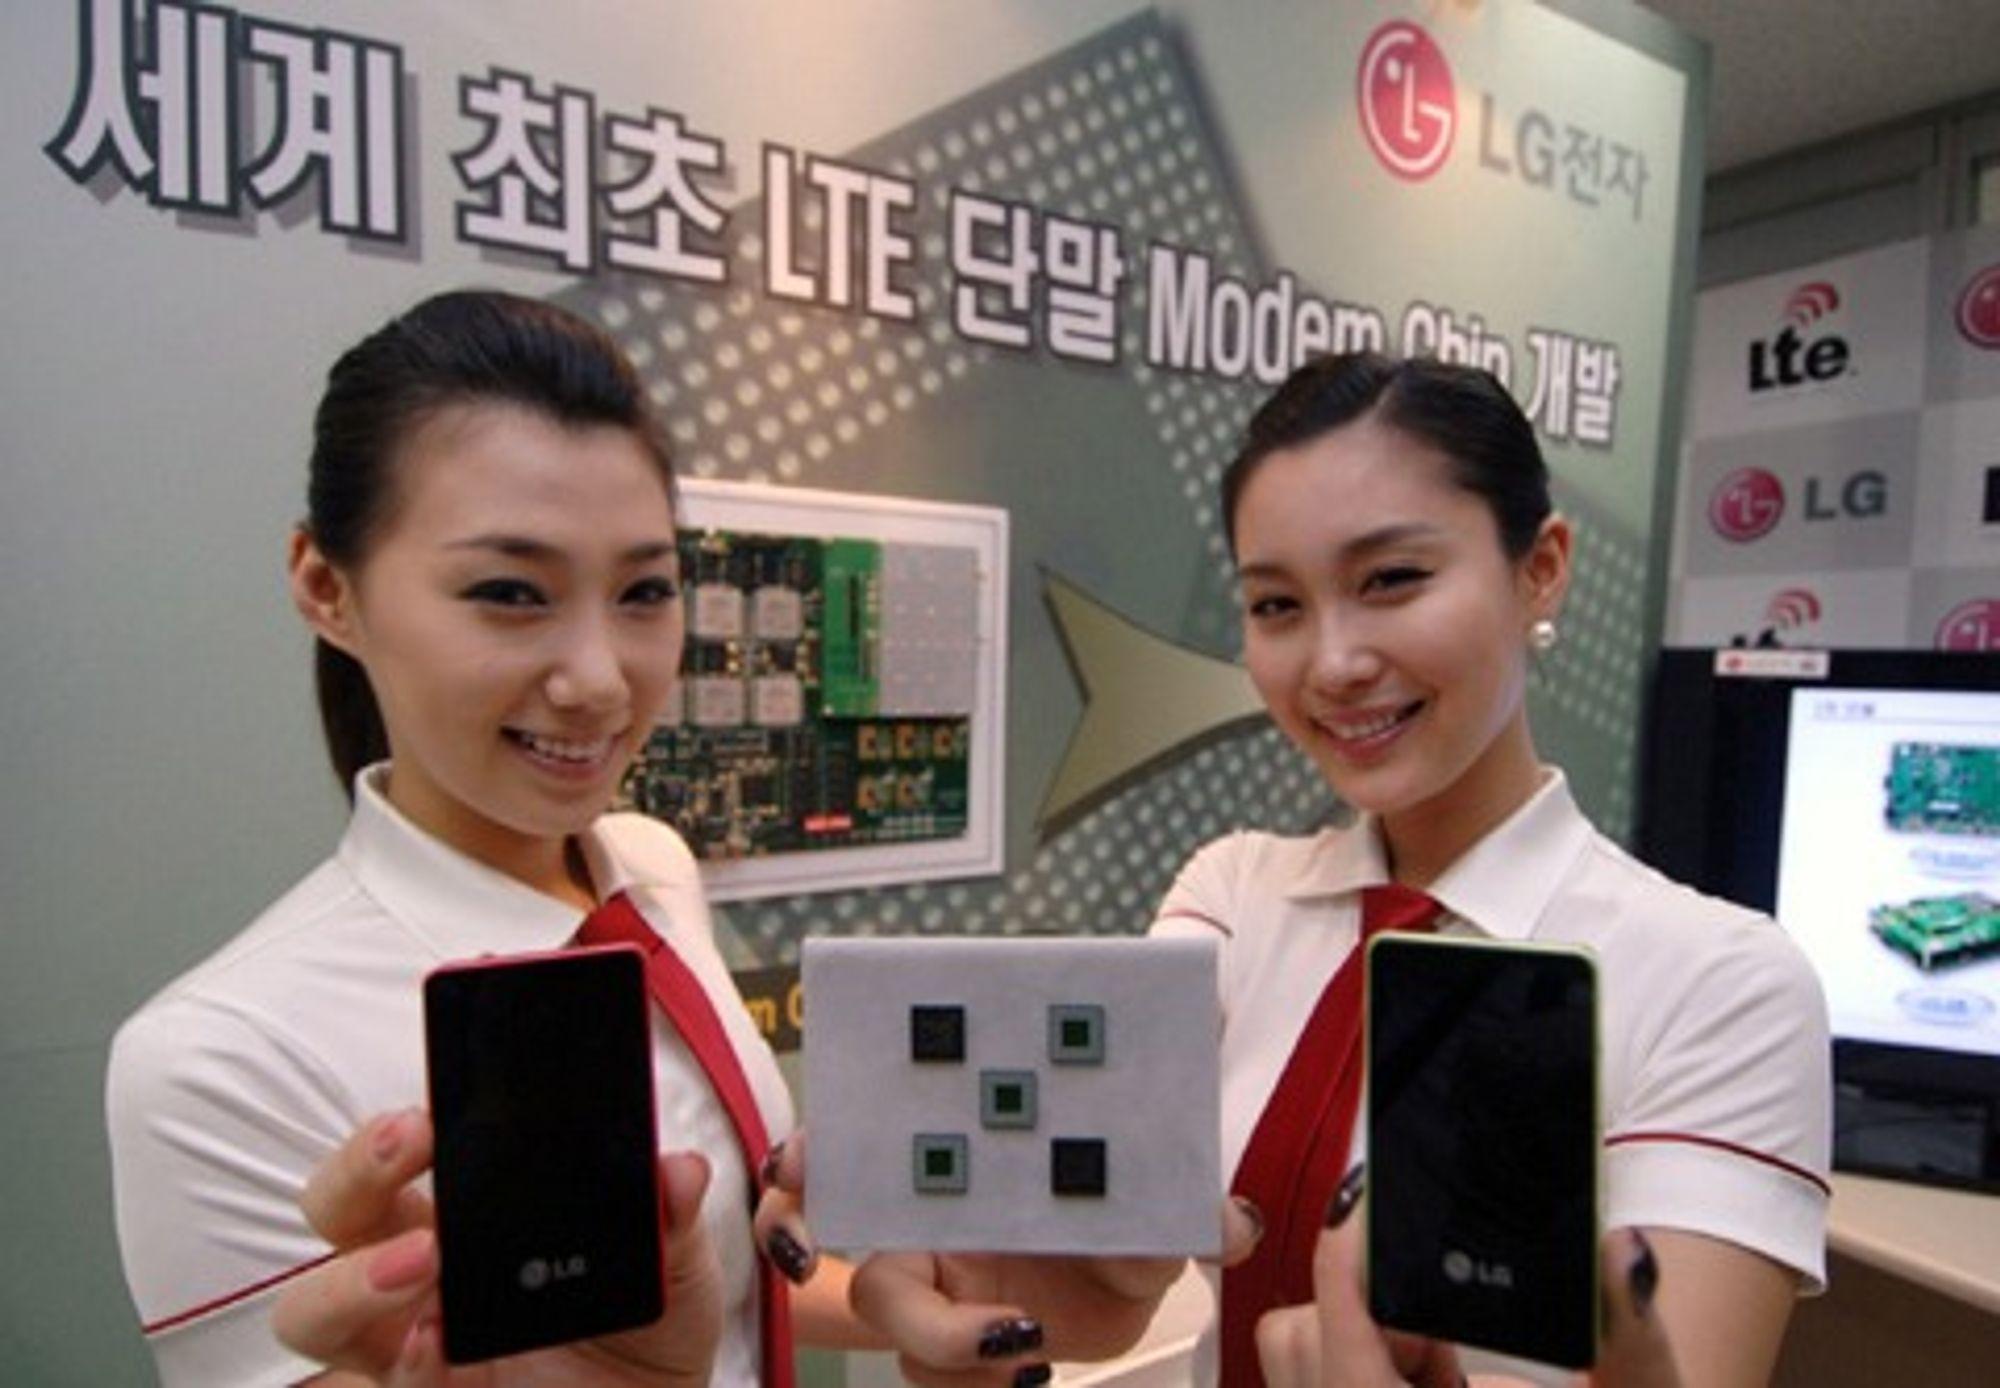 Representanter for LG Electronics med LTE-modembrikker og -mobiler.